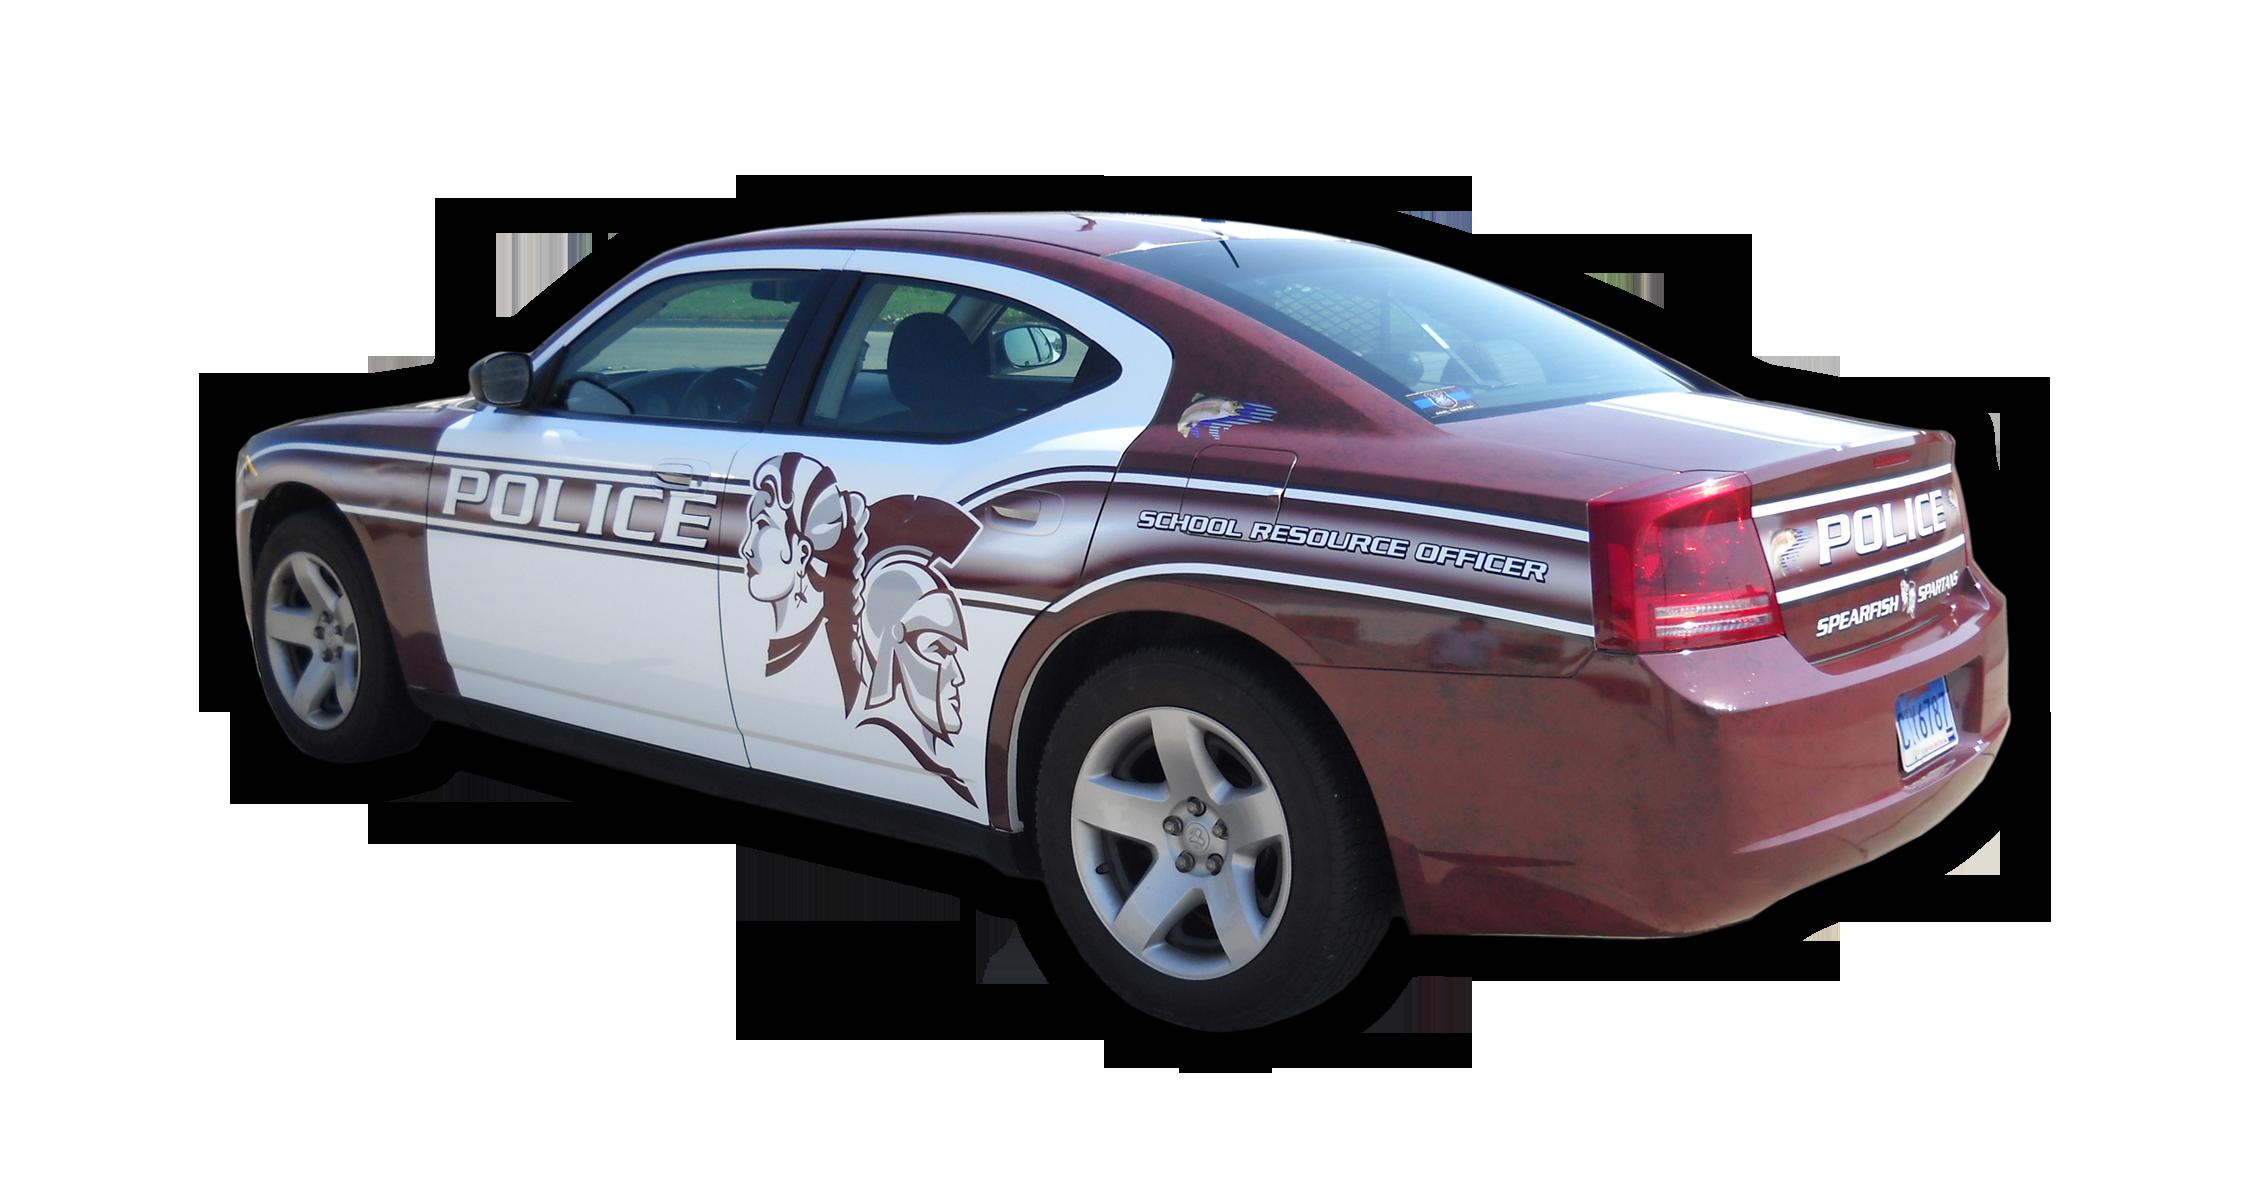 Spartan Police